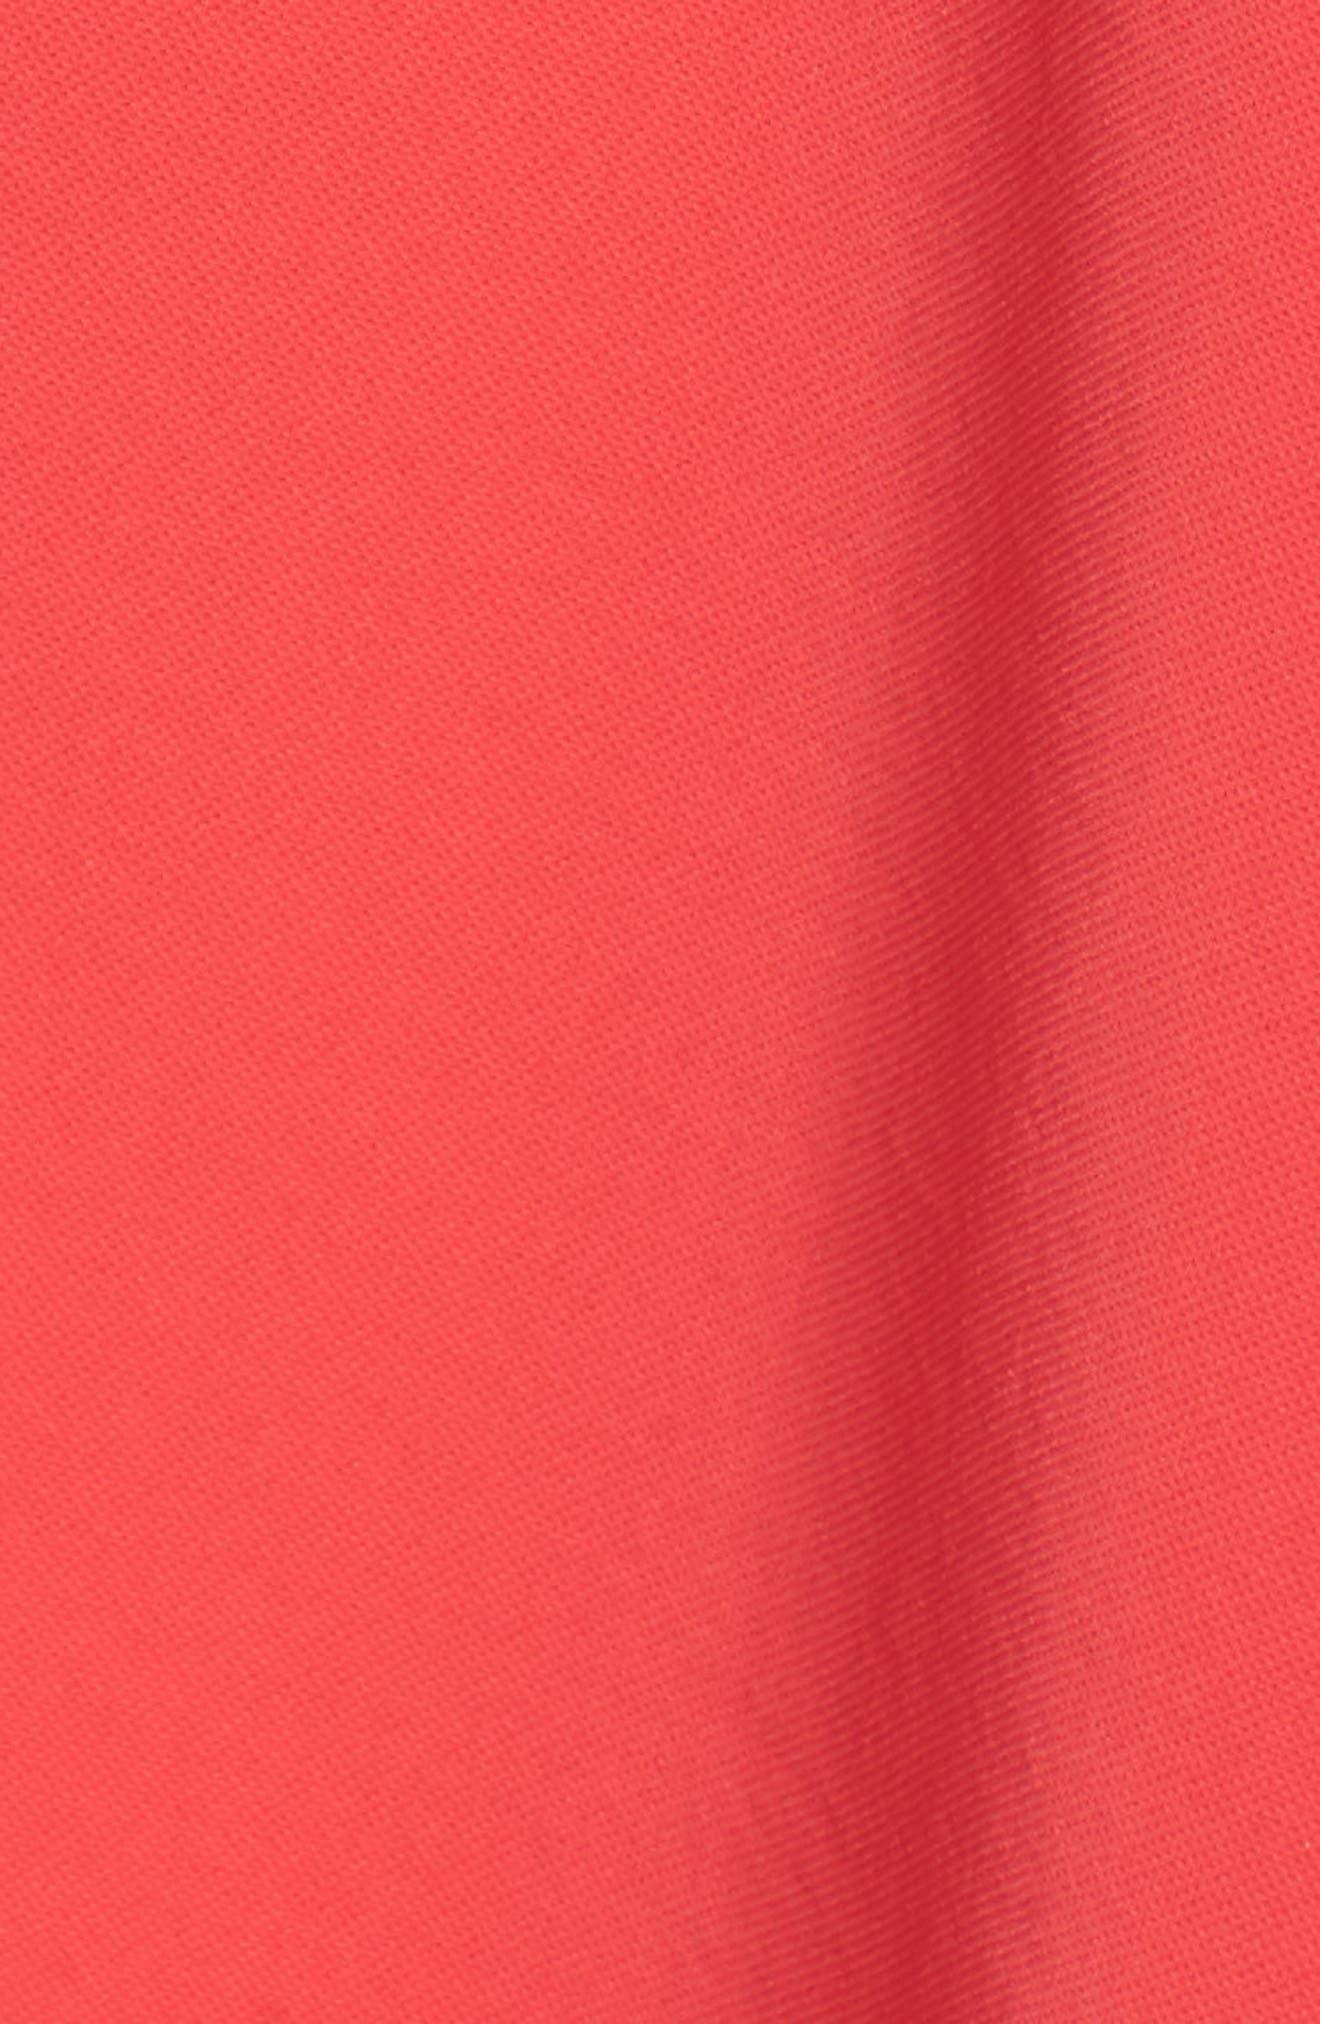 Off the Shoulder Crepe Dress,                             Alternate thumbnail 6, color,                             Geranium